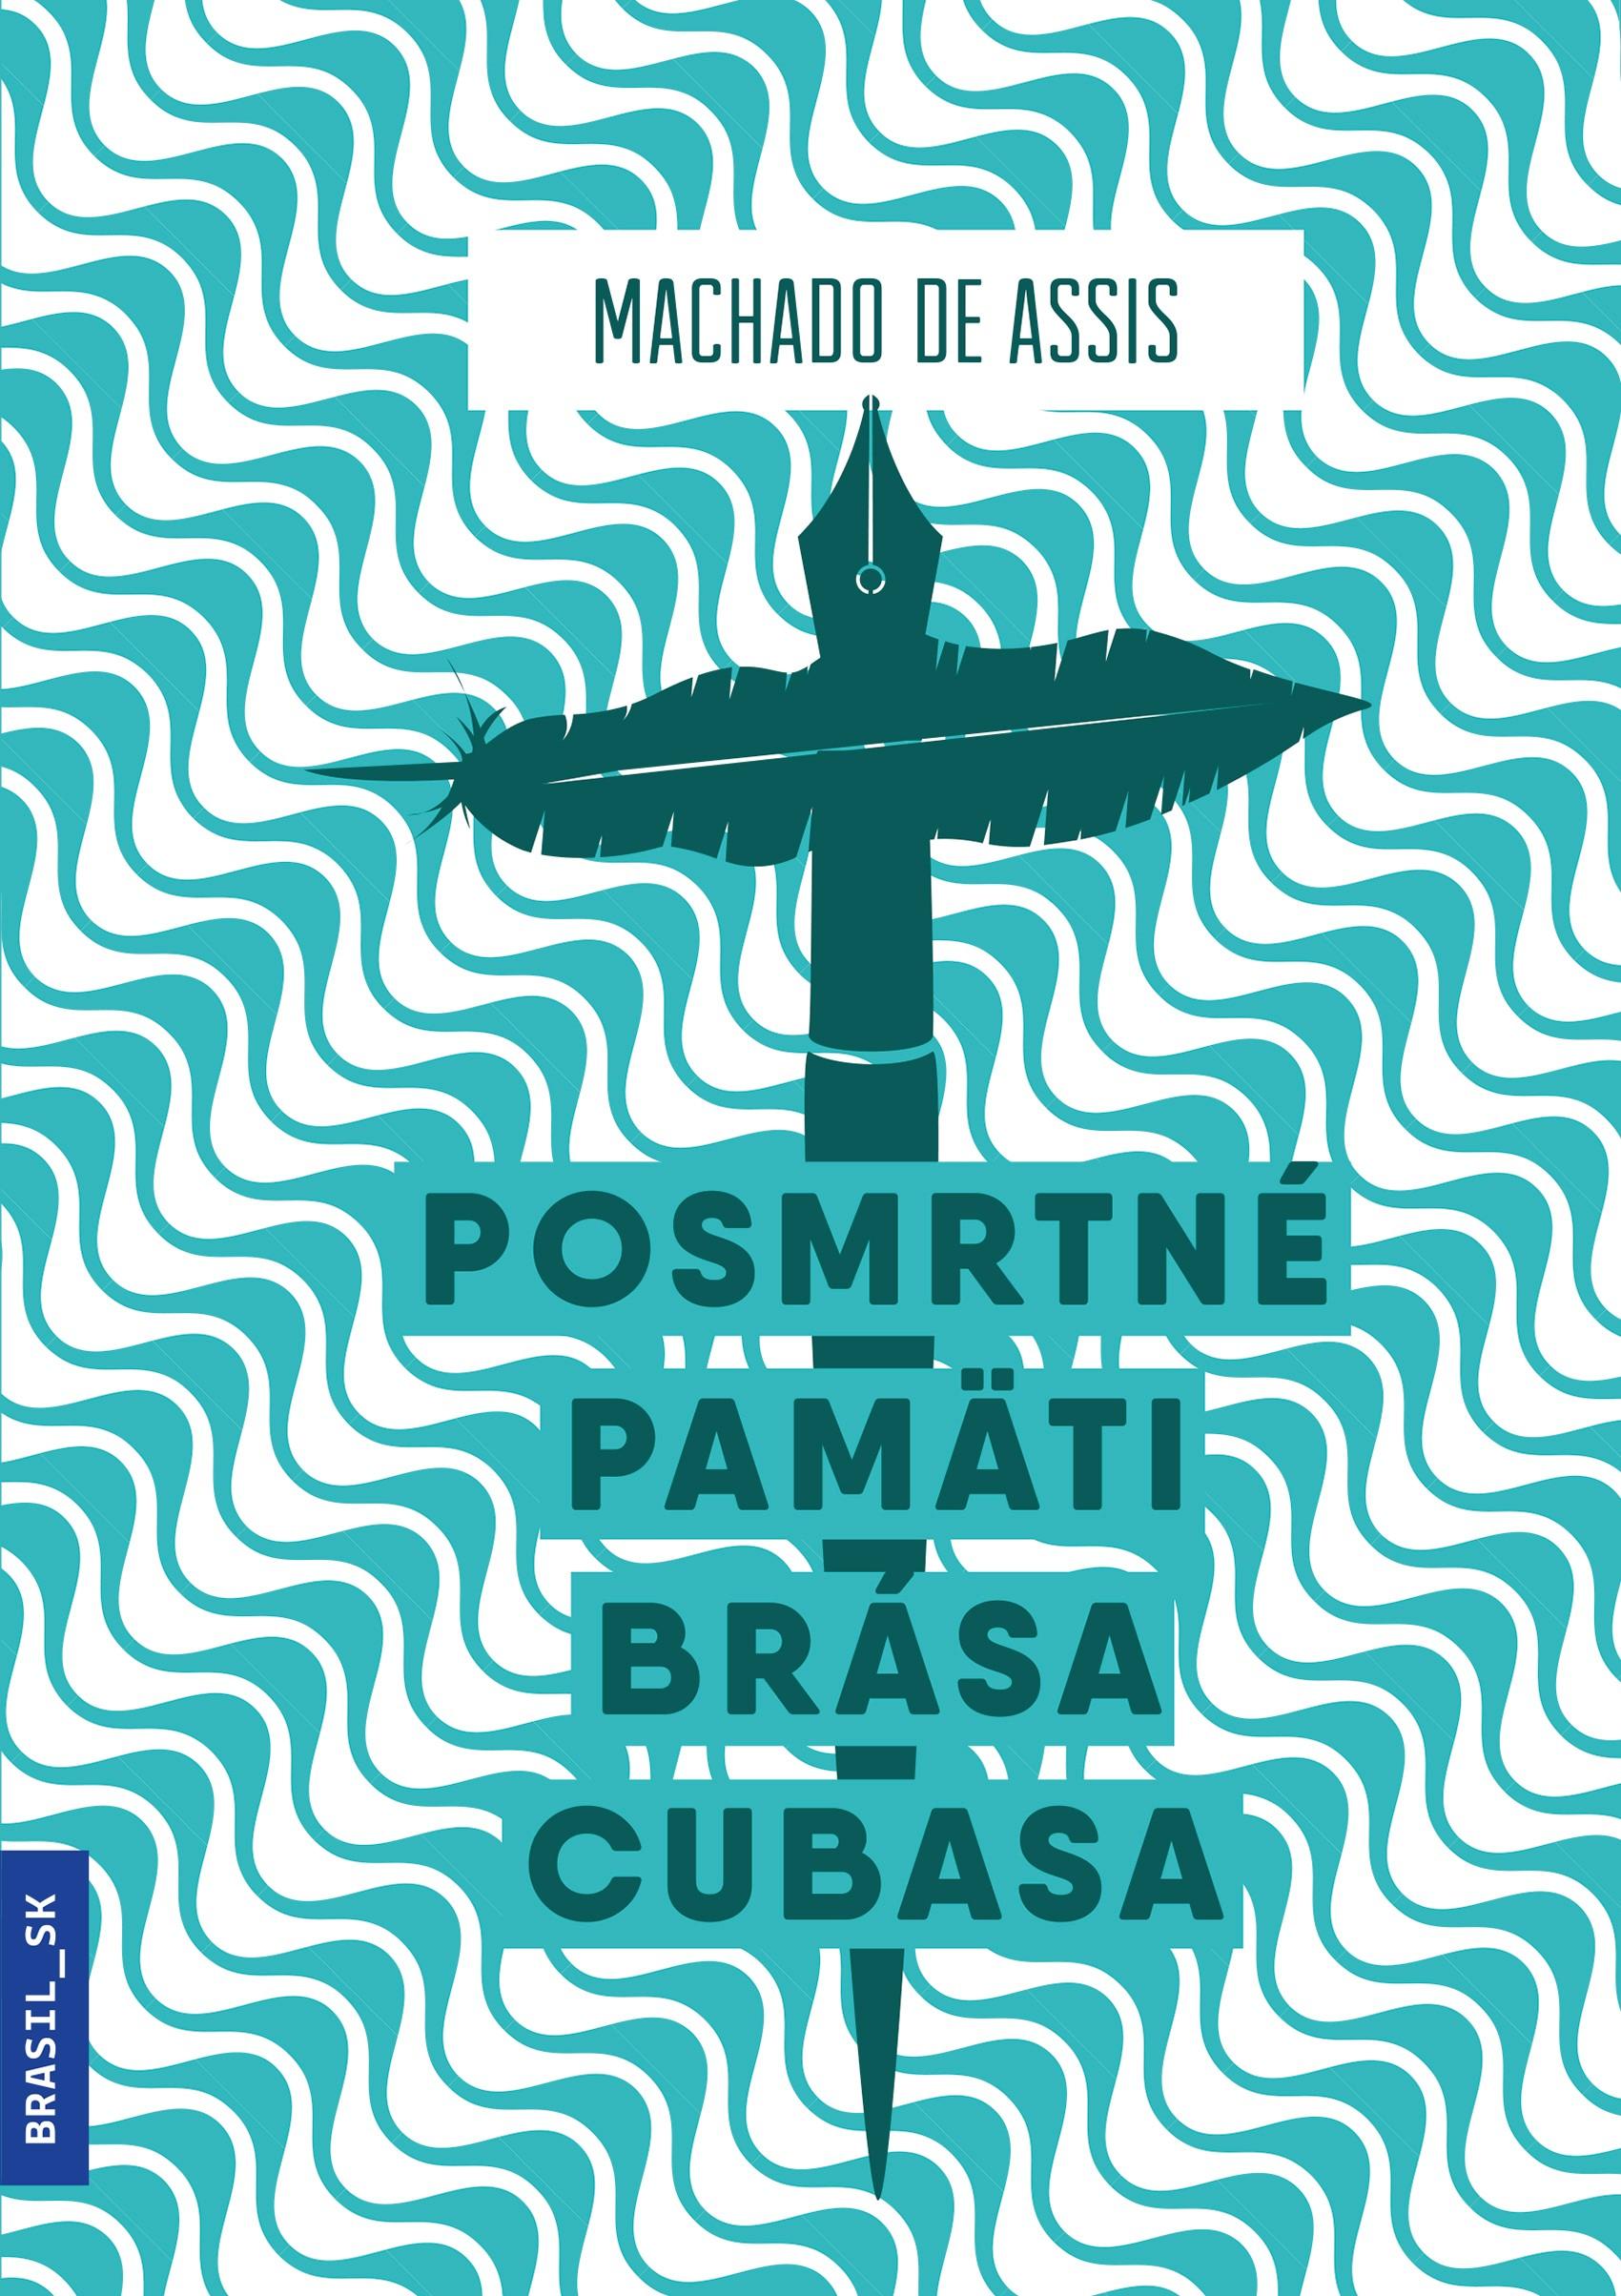 Posmrtné pamäti Brása Cubasa